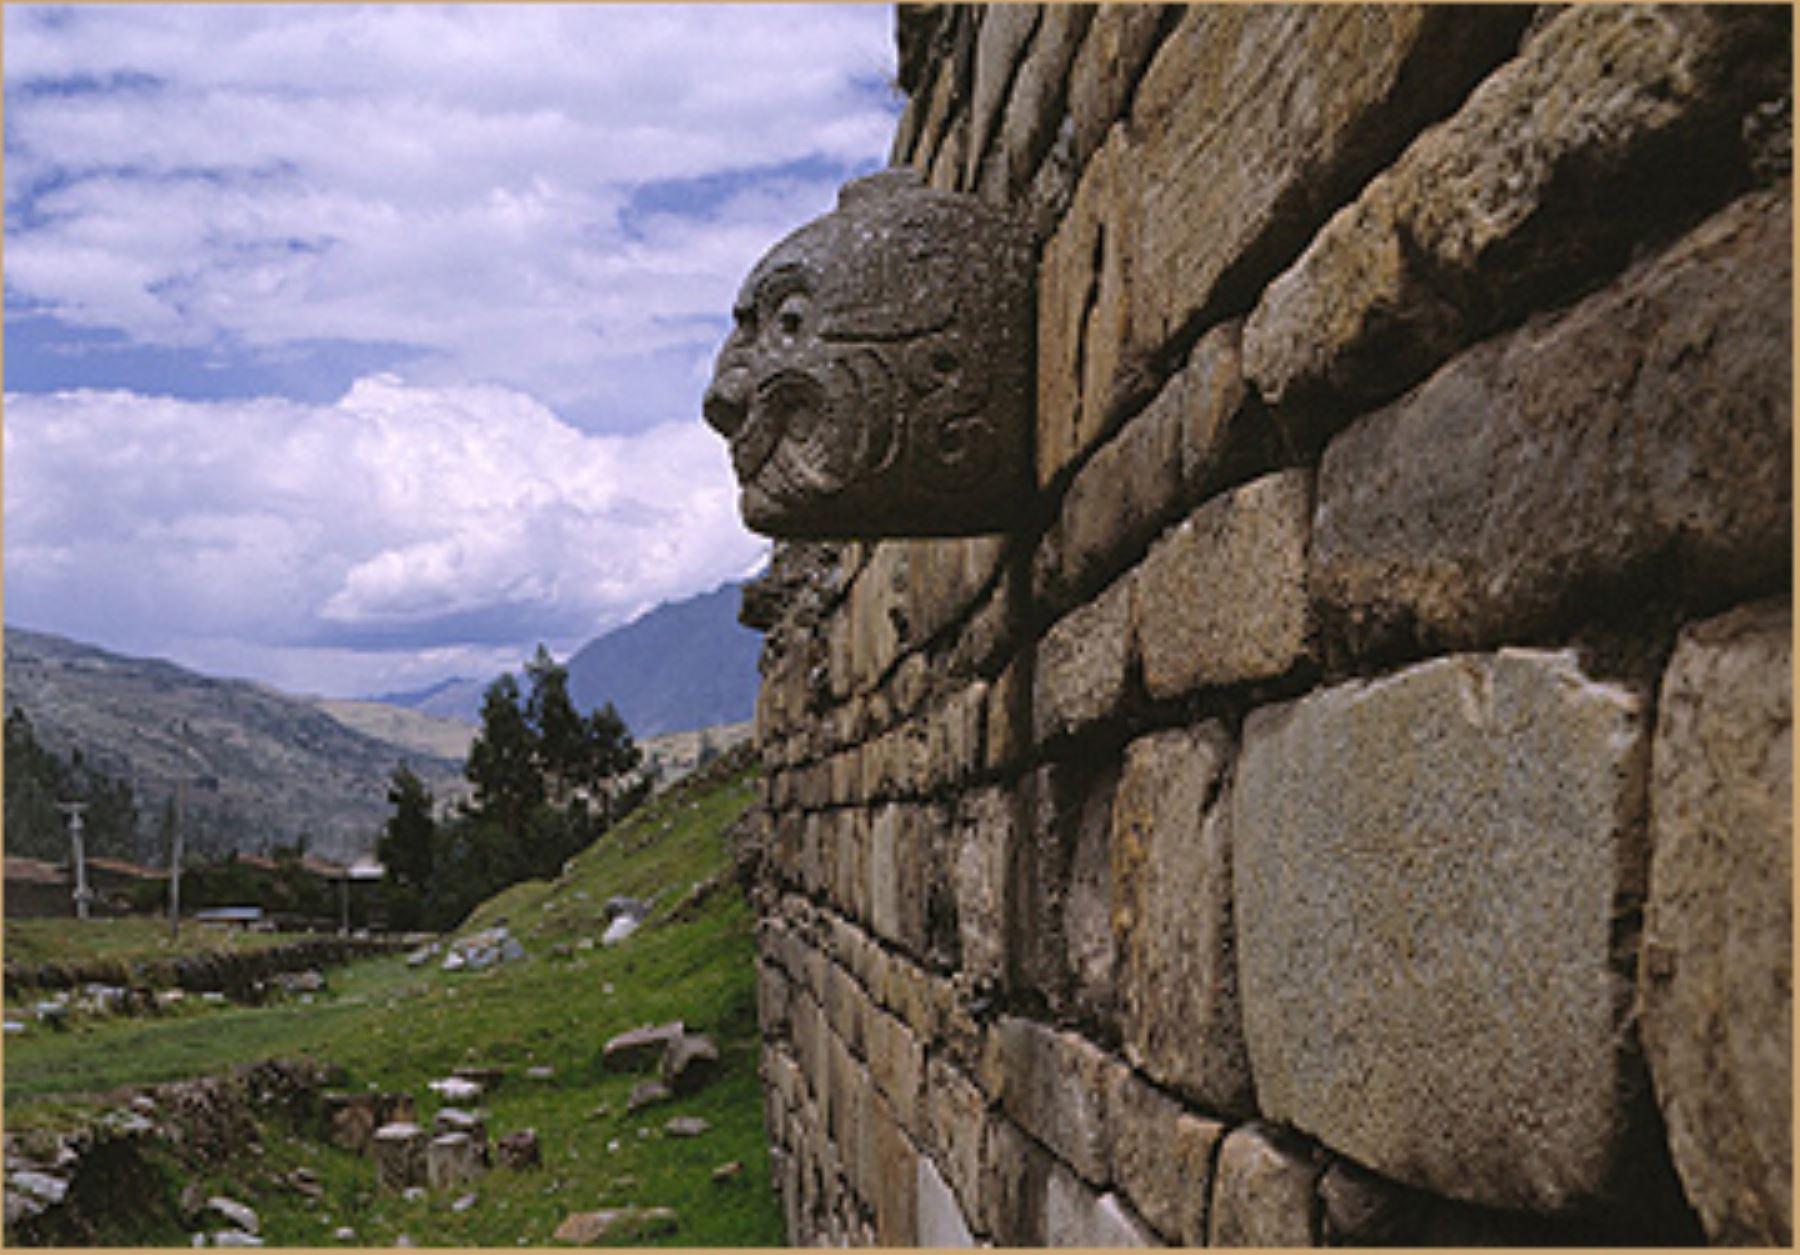 El emblemático monumento arqueológico Chavín de Huántar reabre este domingo 6 de diciembre y las visitas serán gratuitas hasta fin de año. ANDINA/Difusión